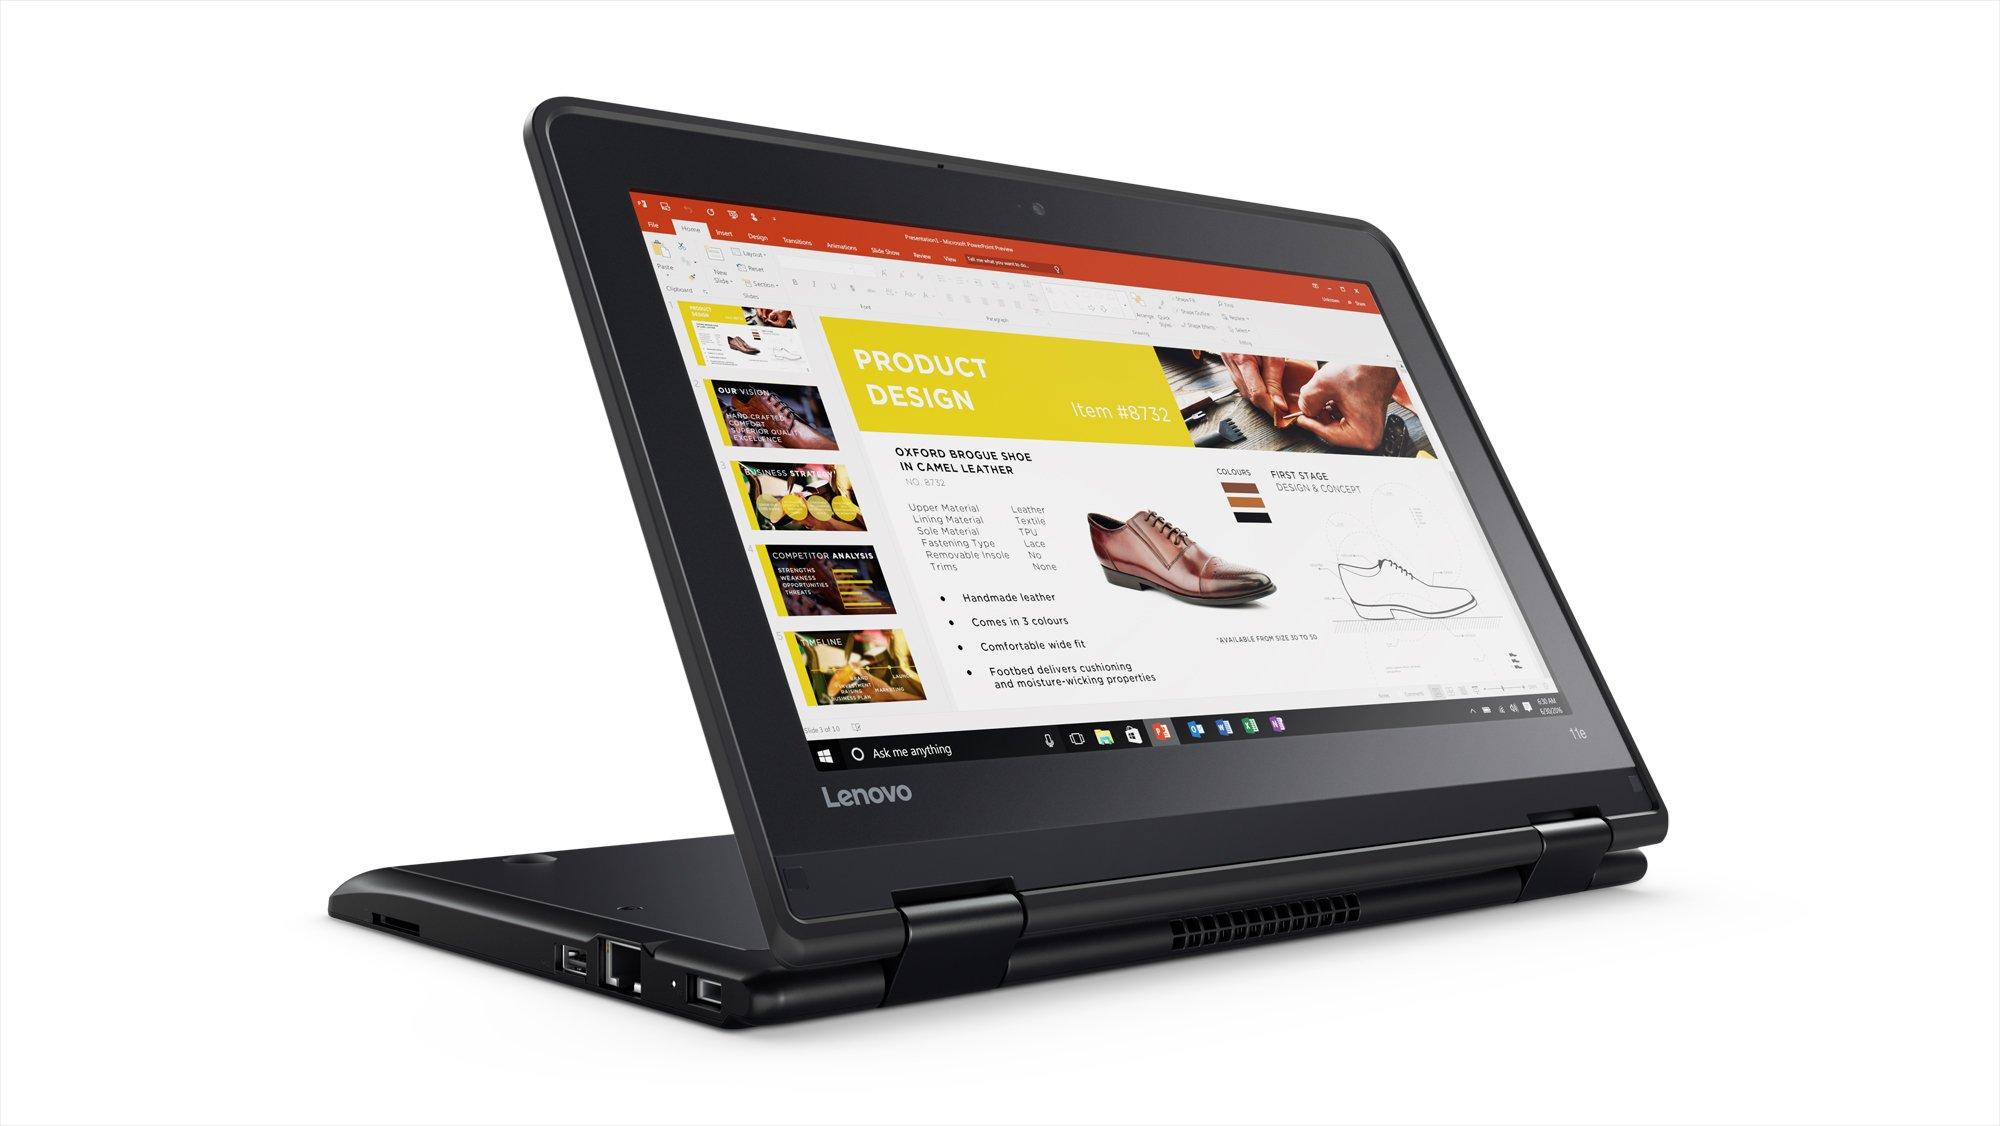 Lenovo Thinkpad Yoga 11E (3rd Gen) 11.6'' Touchscreen Convertible Ultrabook by Lenovo